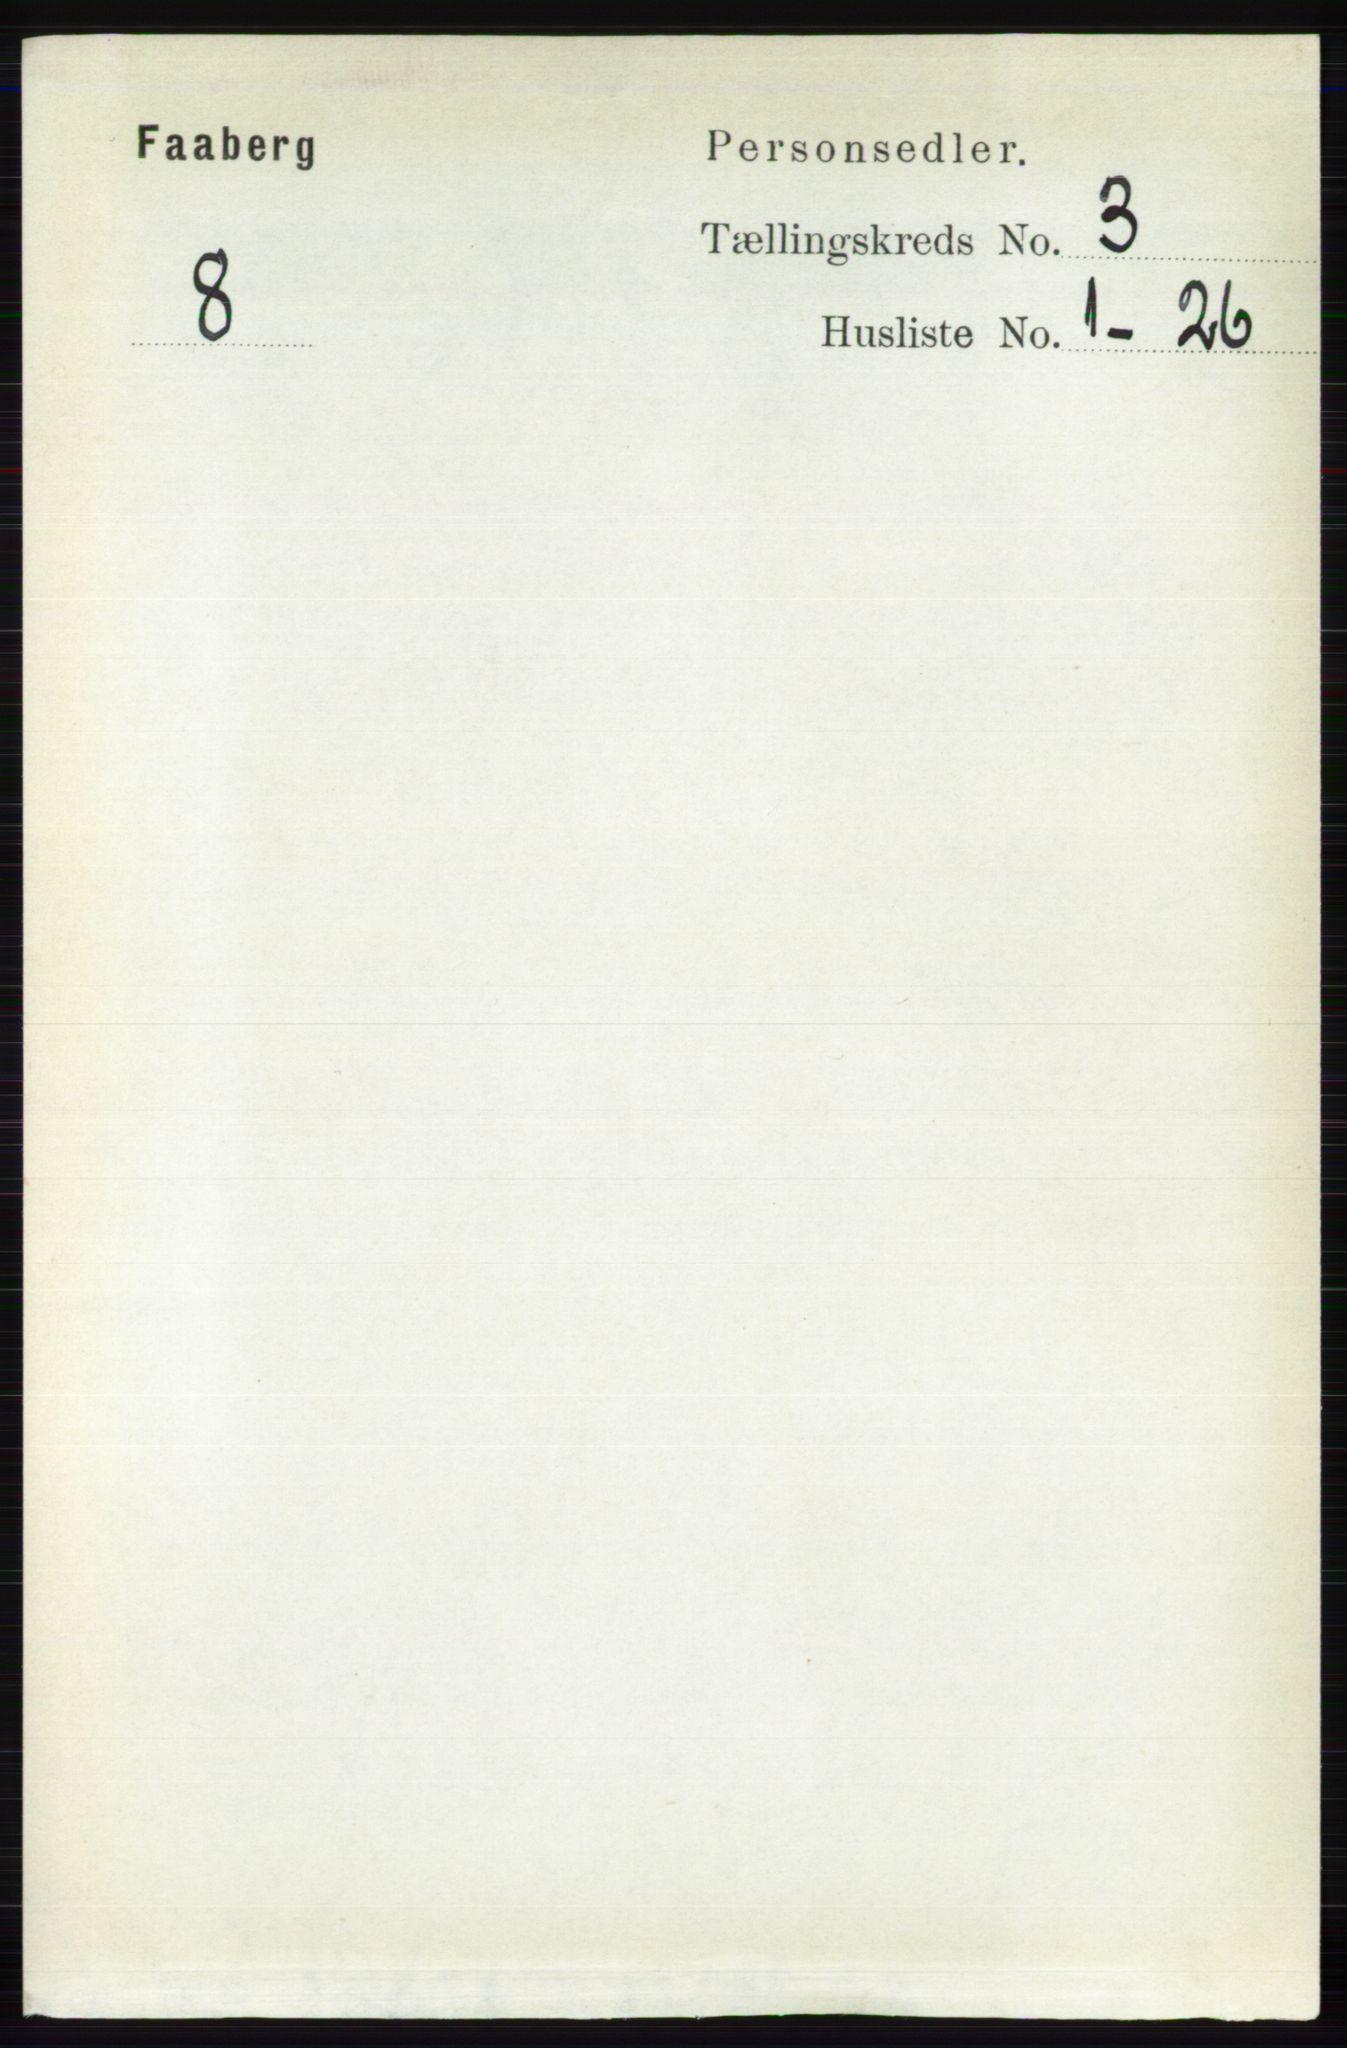 RA, Folketelling 1891 for 0524 Fåberg herred, 1891, s. 860